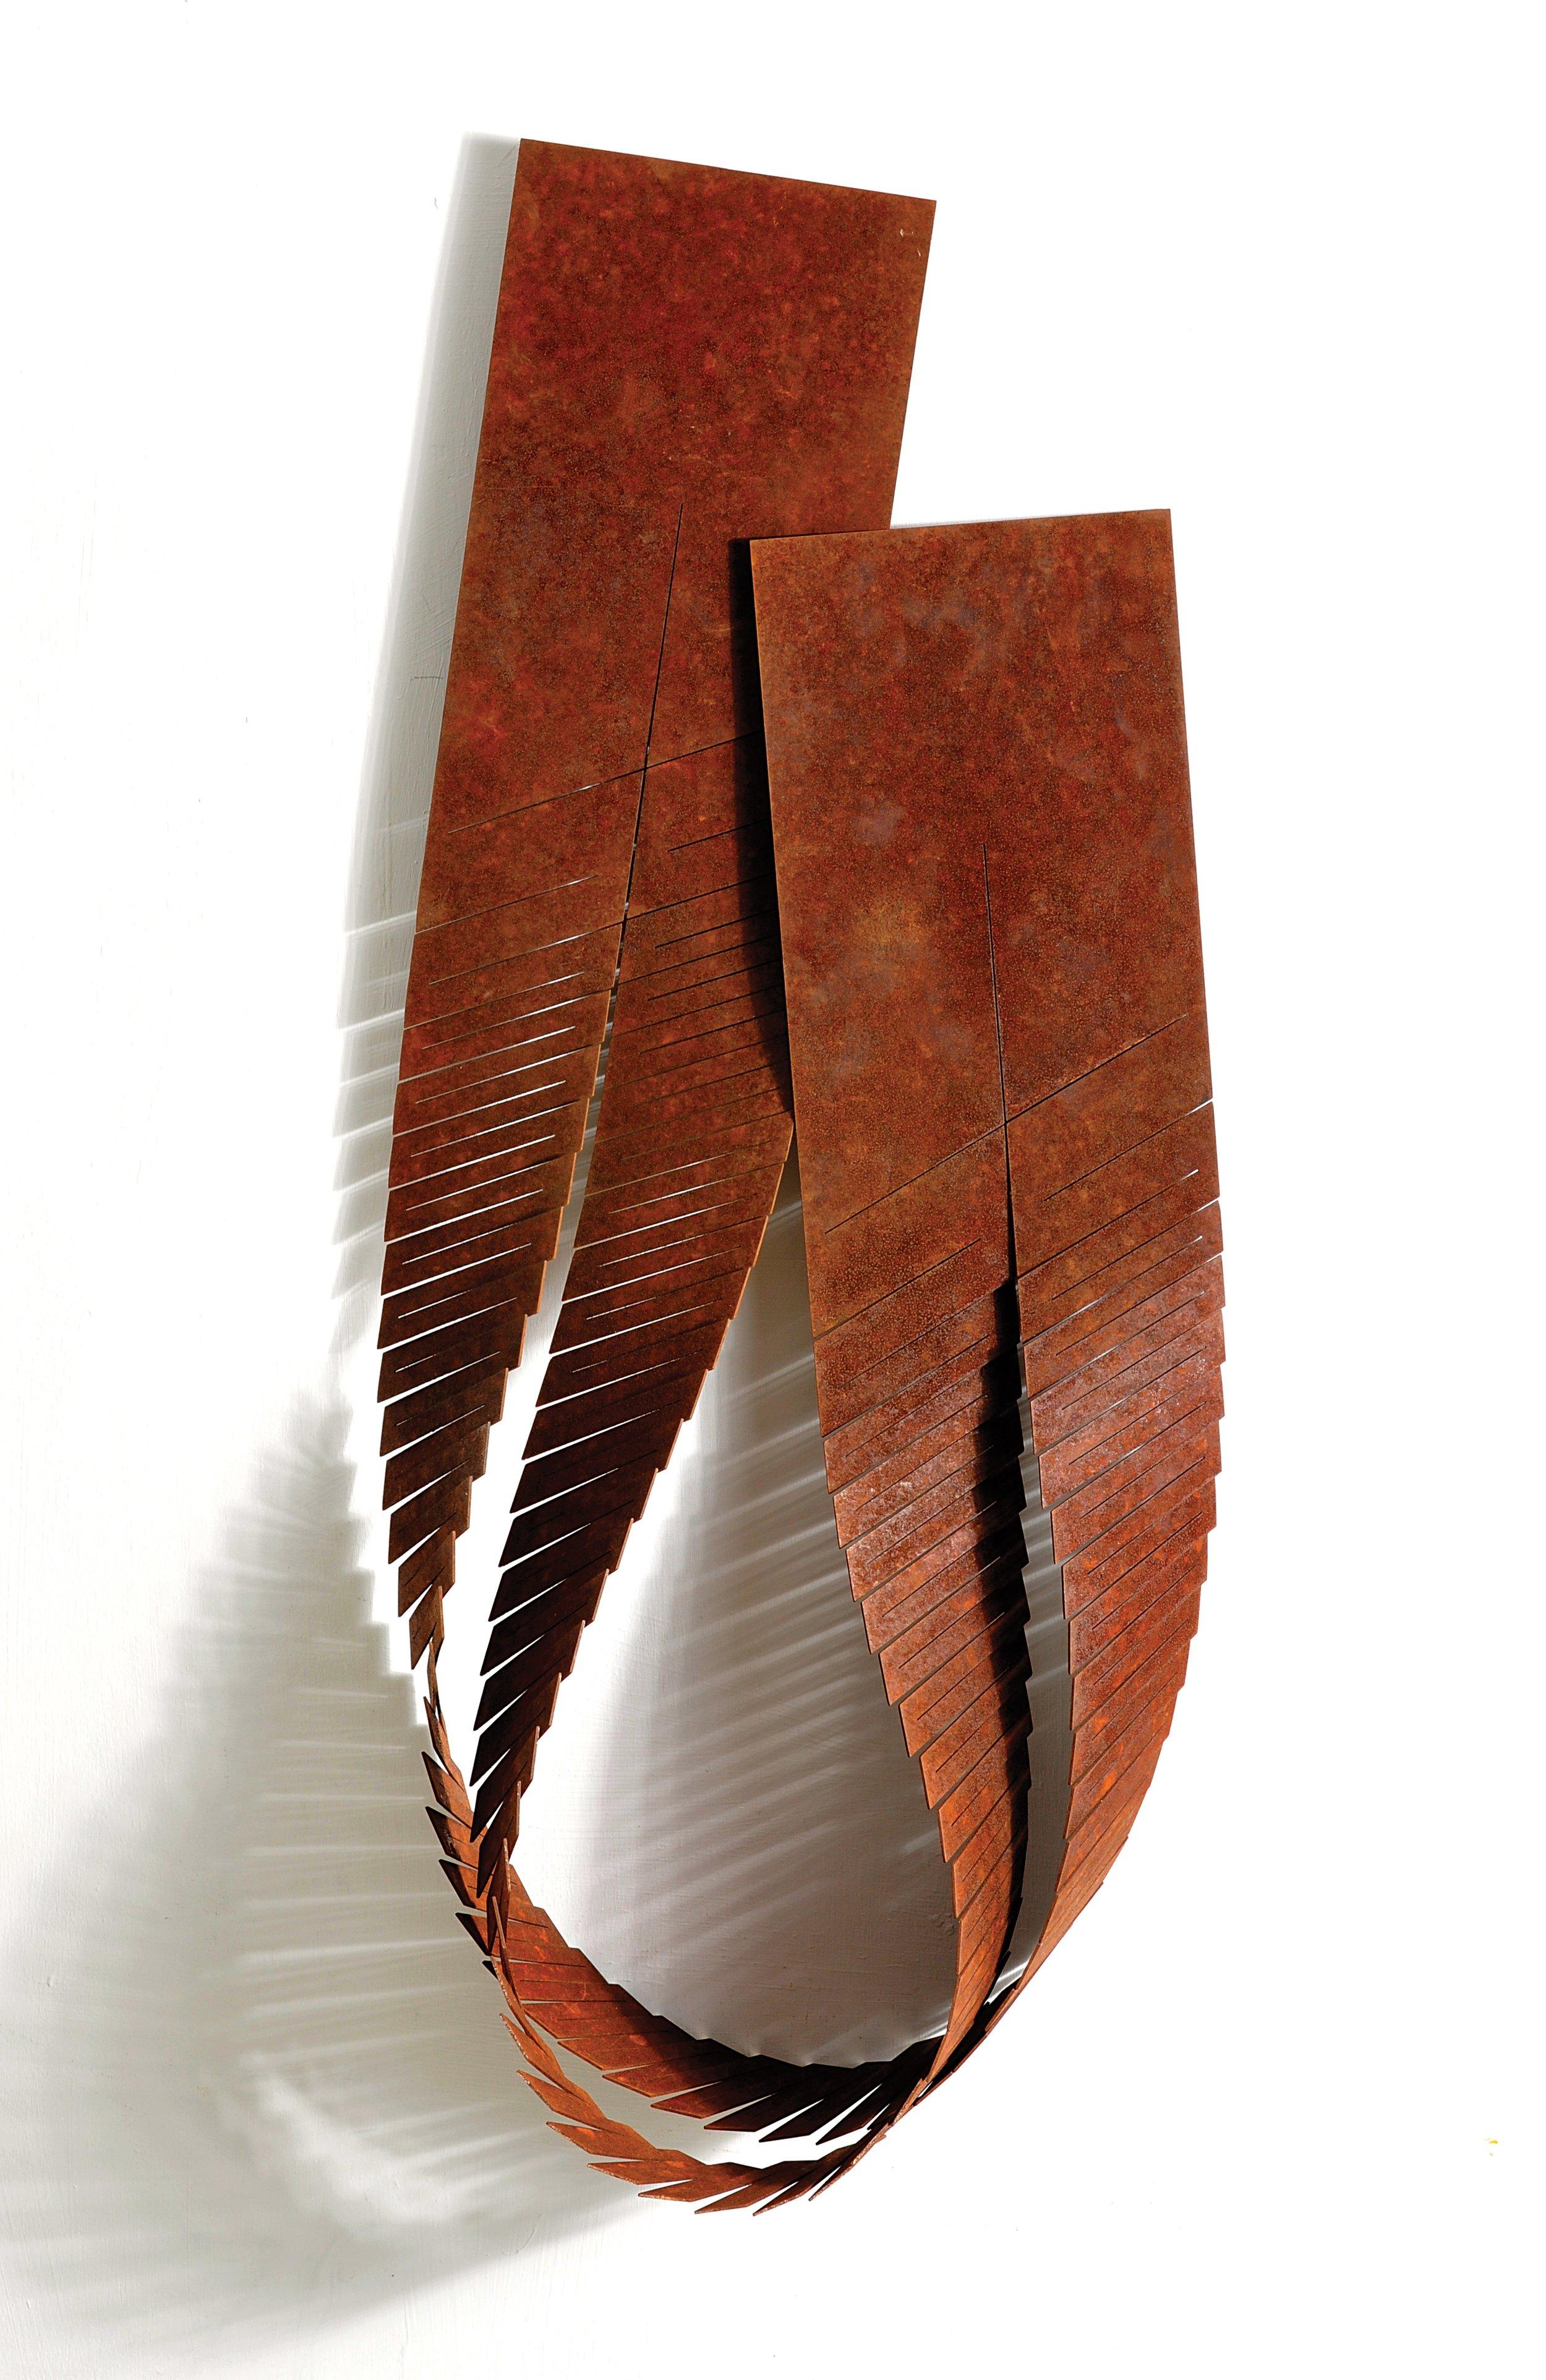 'Loop' wall piece corten steel